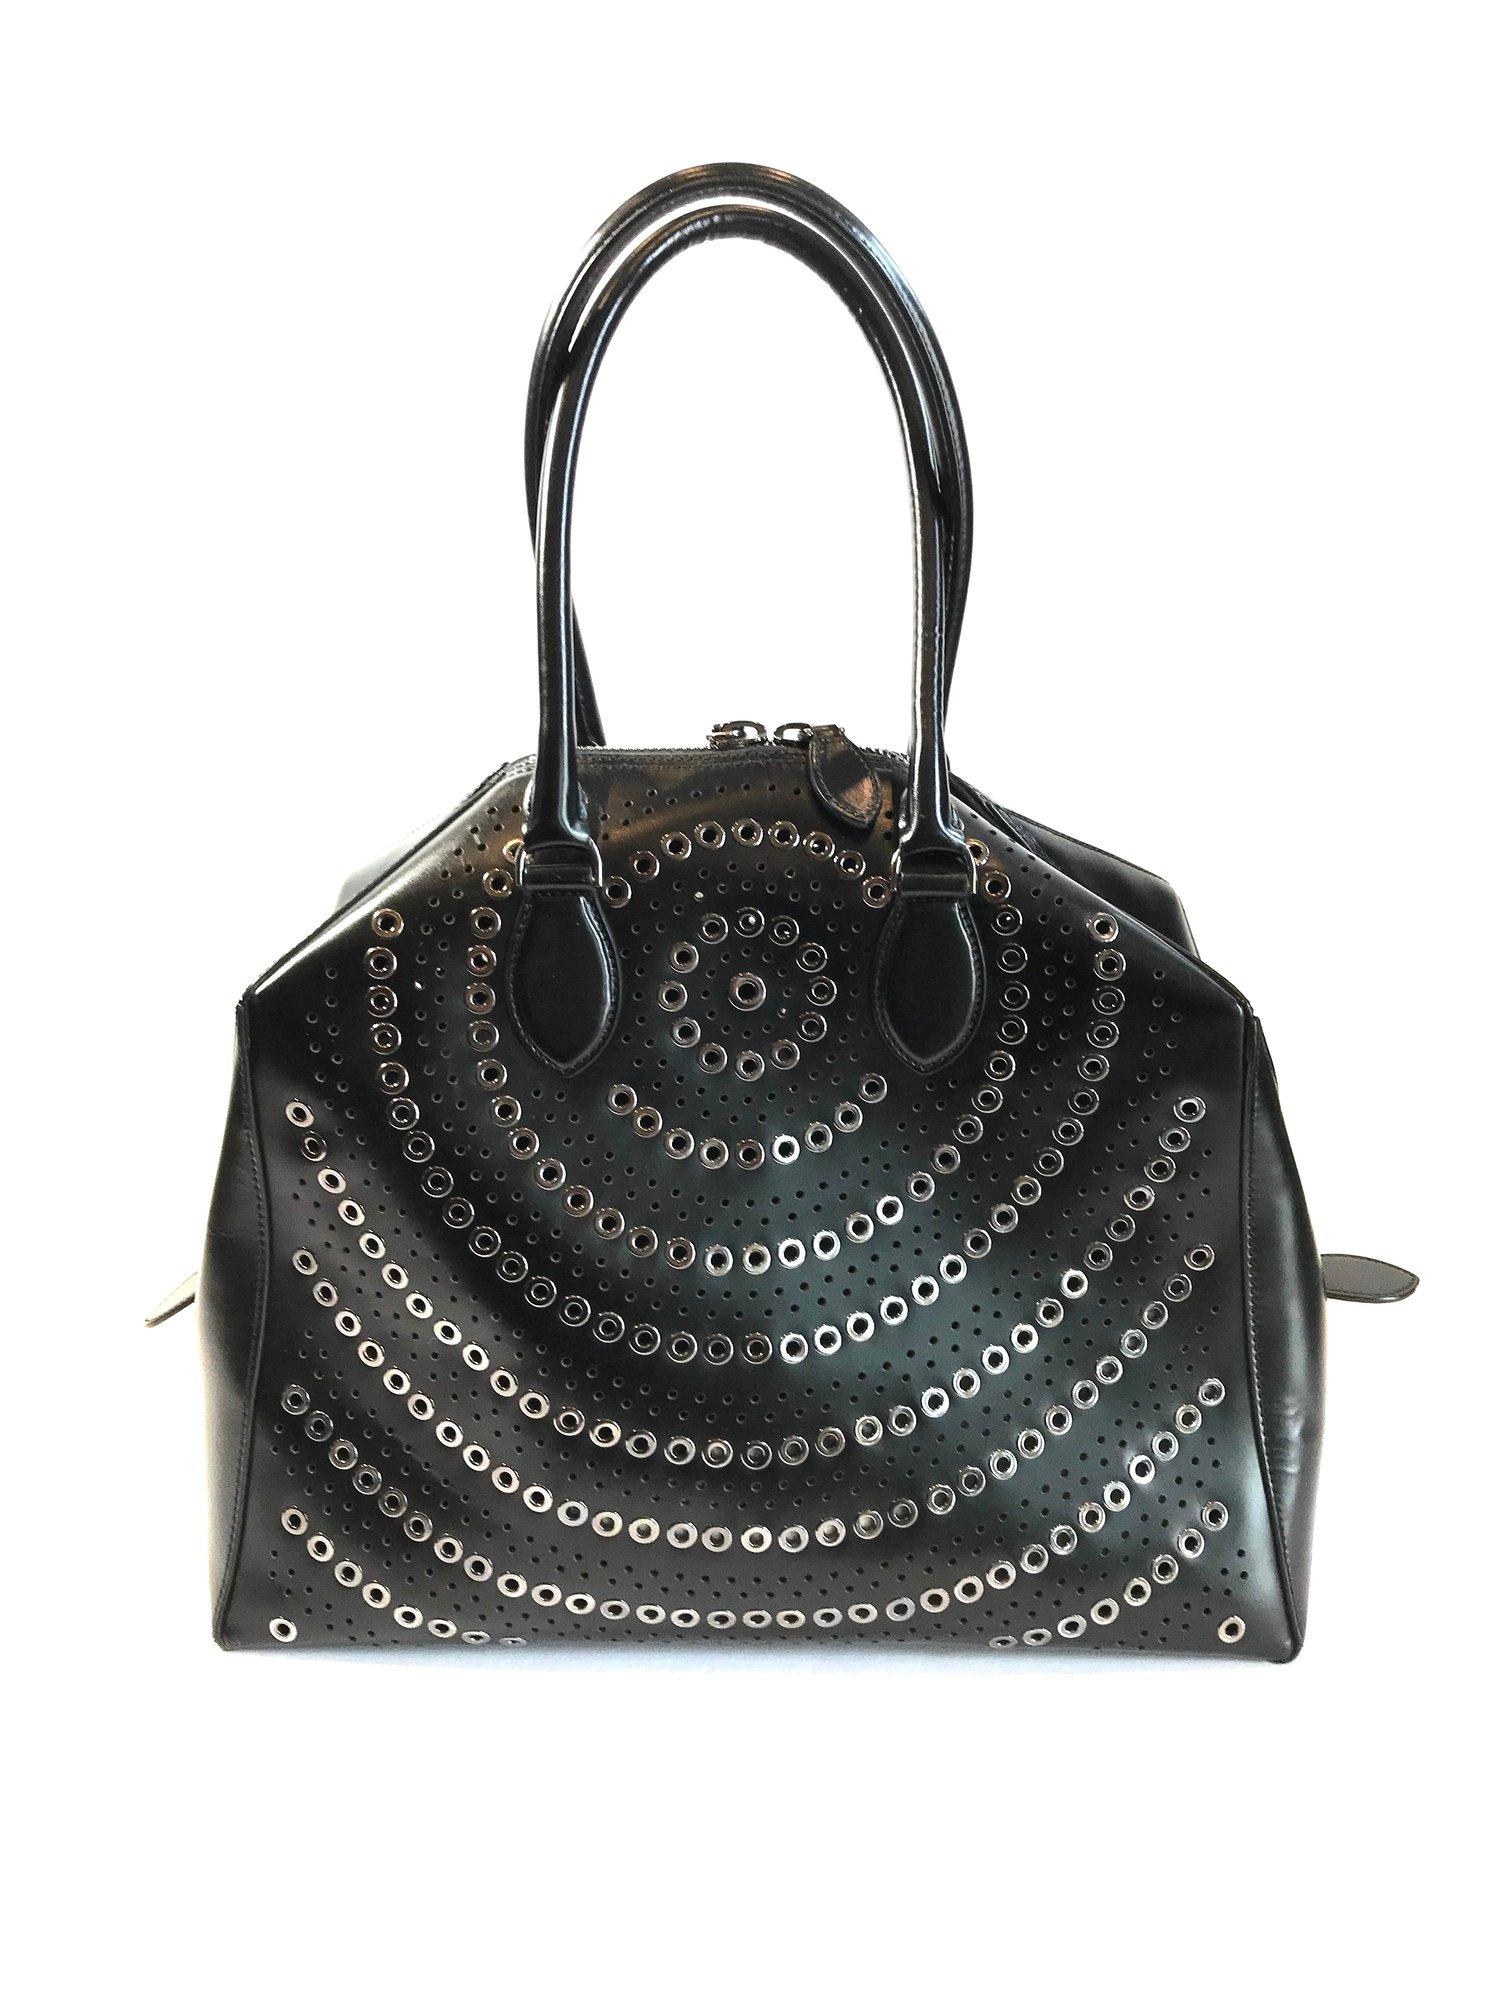 Image of Alaia DR Handbag 4-4188